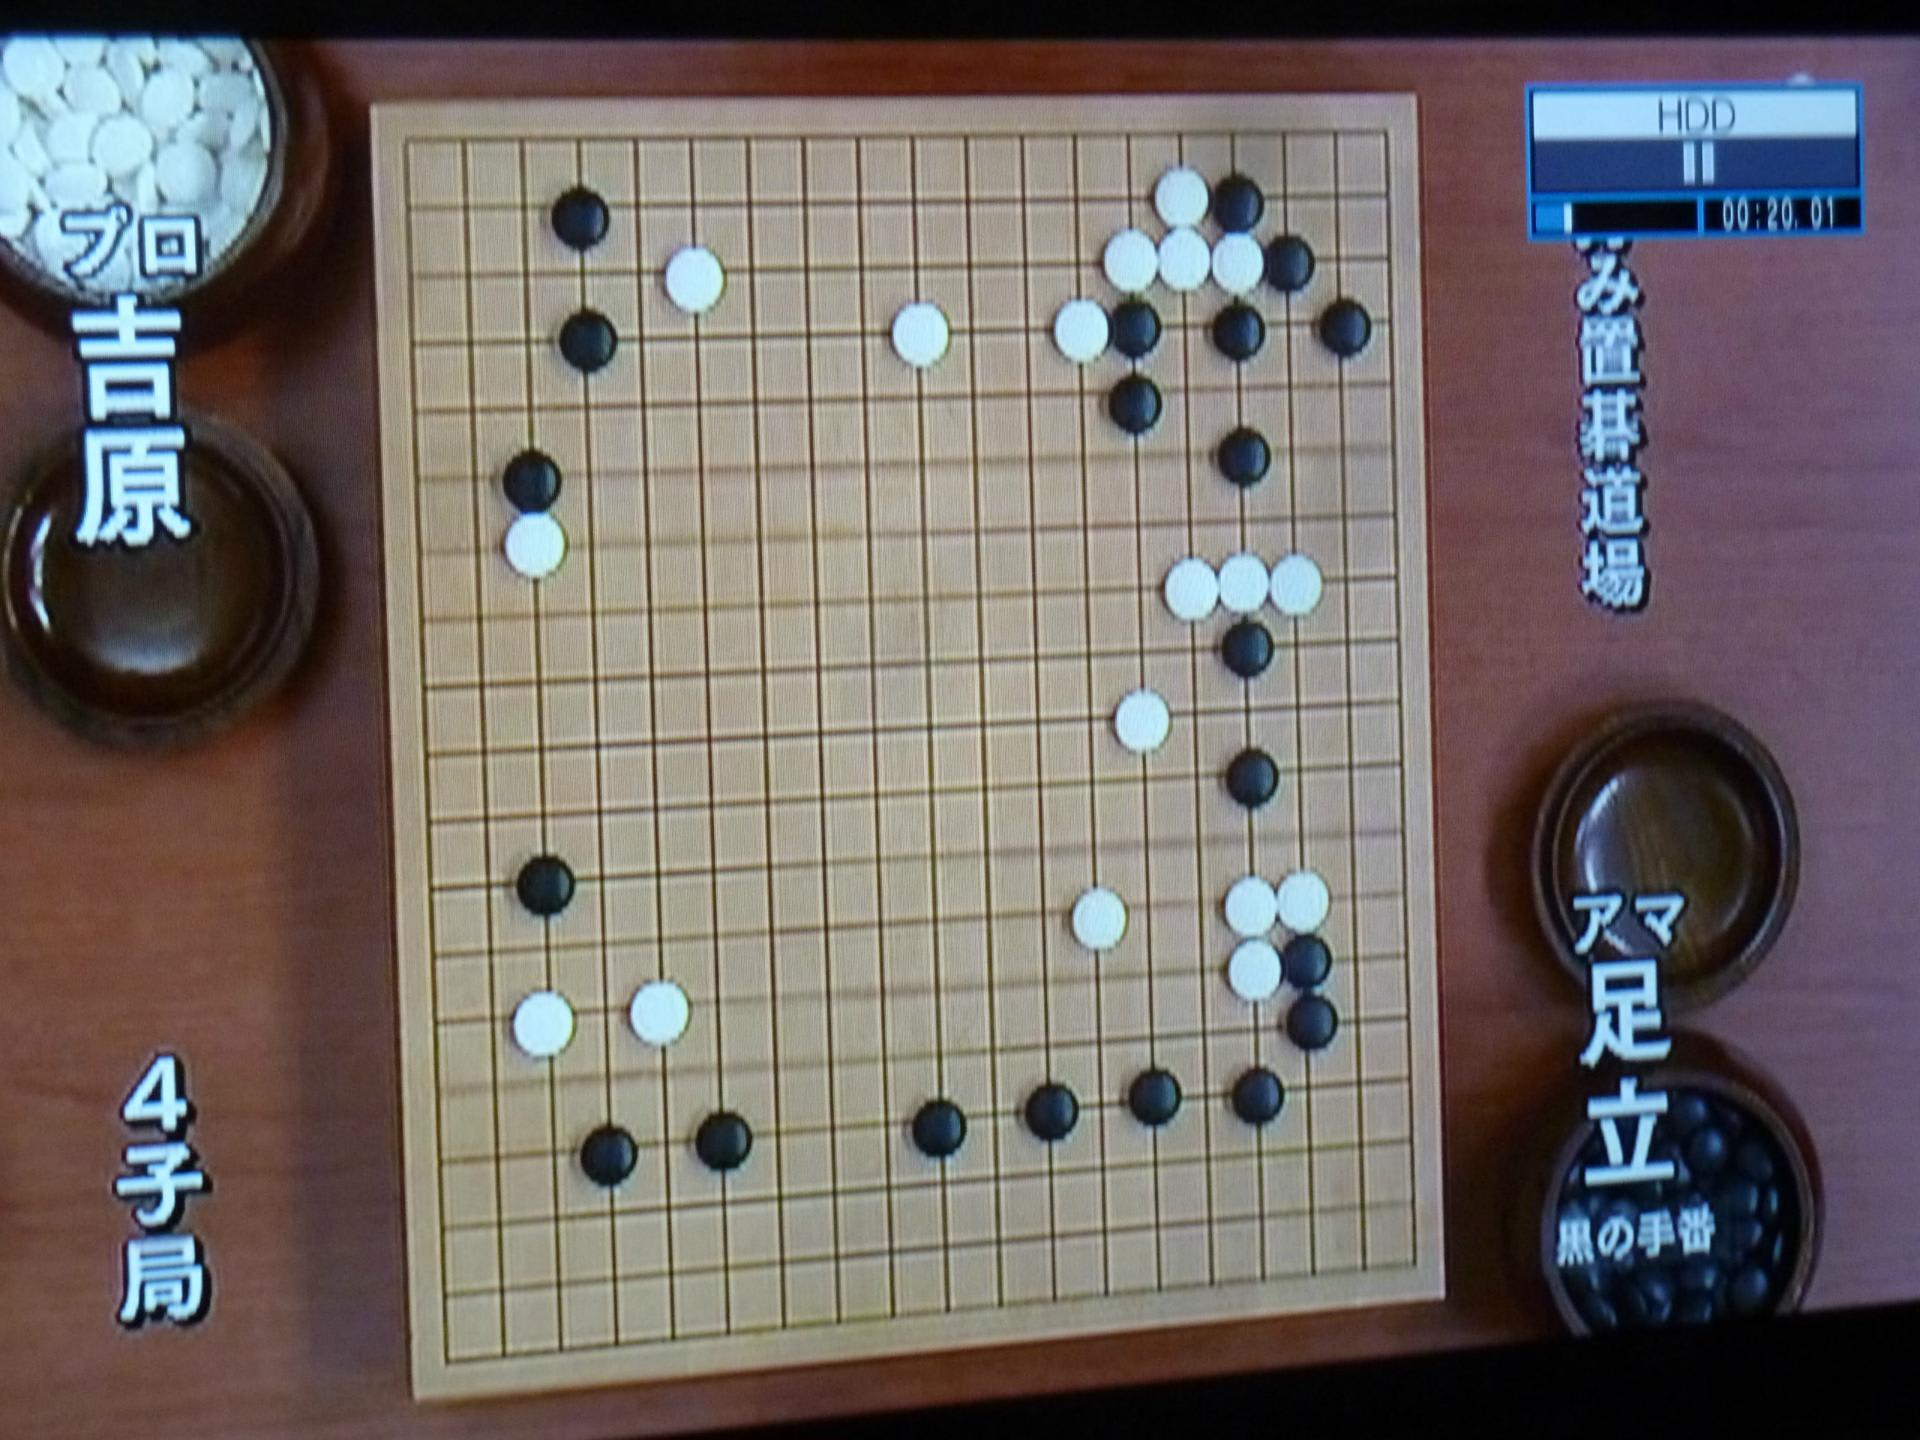 お好み囲碁道場 最新版の268回 - 吉原健二 マルチエンジンを持つ。文系 ...